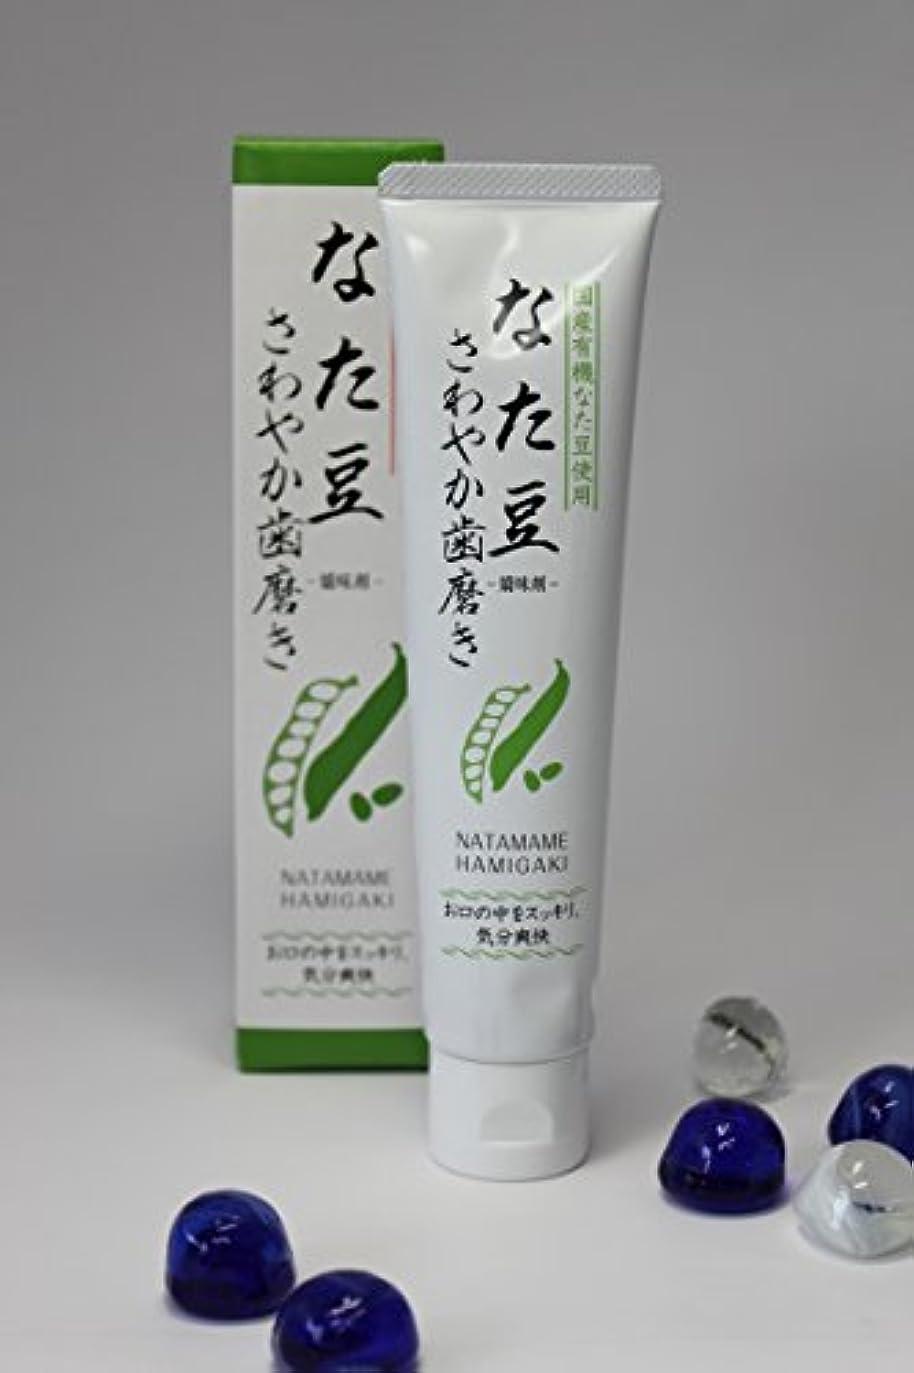 赤字ユーザー昆虫を見るアスカ(大阪) なた豆さわやか歯磨き 120g